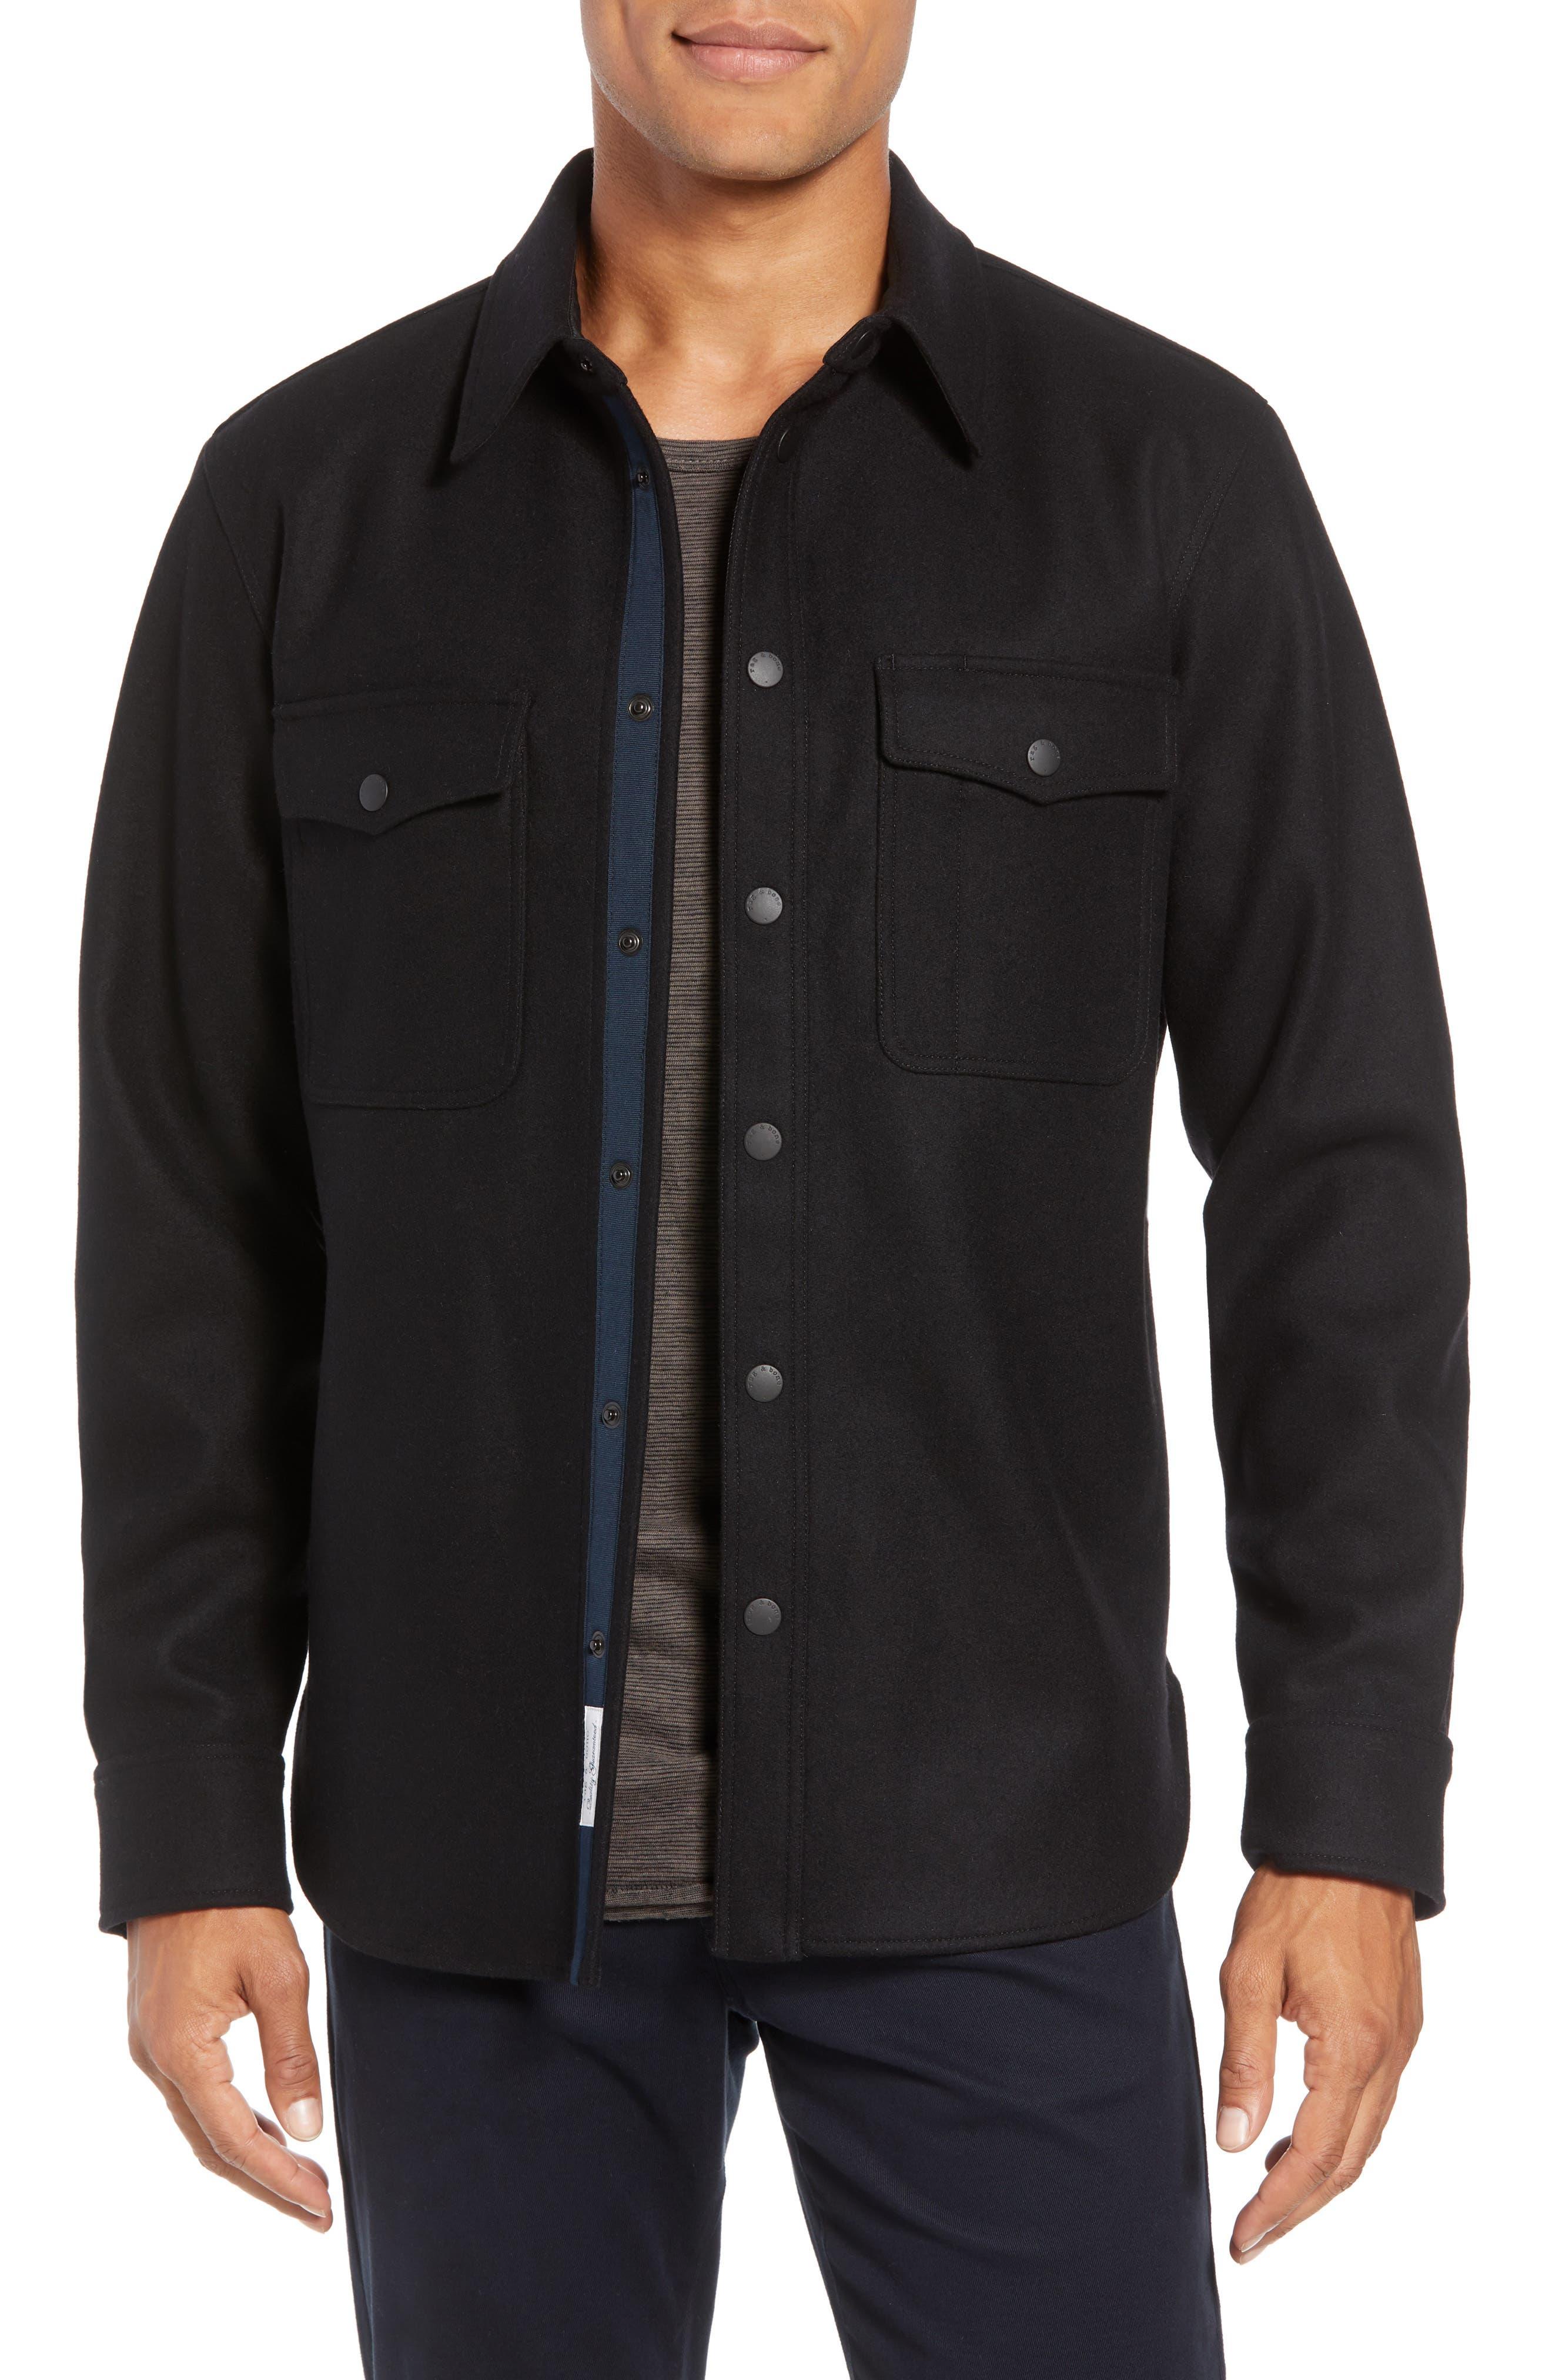 Jack Regular Fit Shirt Jacket, Main, color, 001